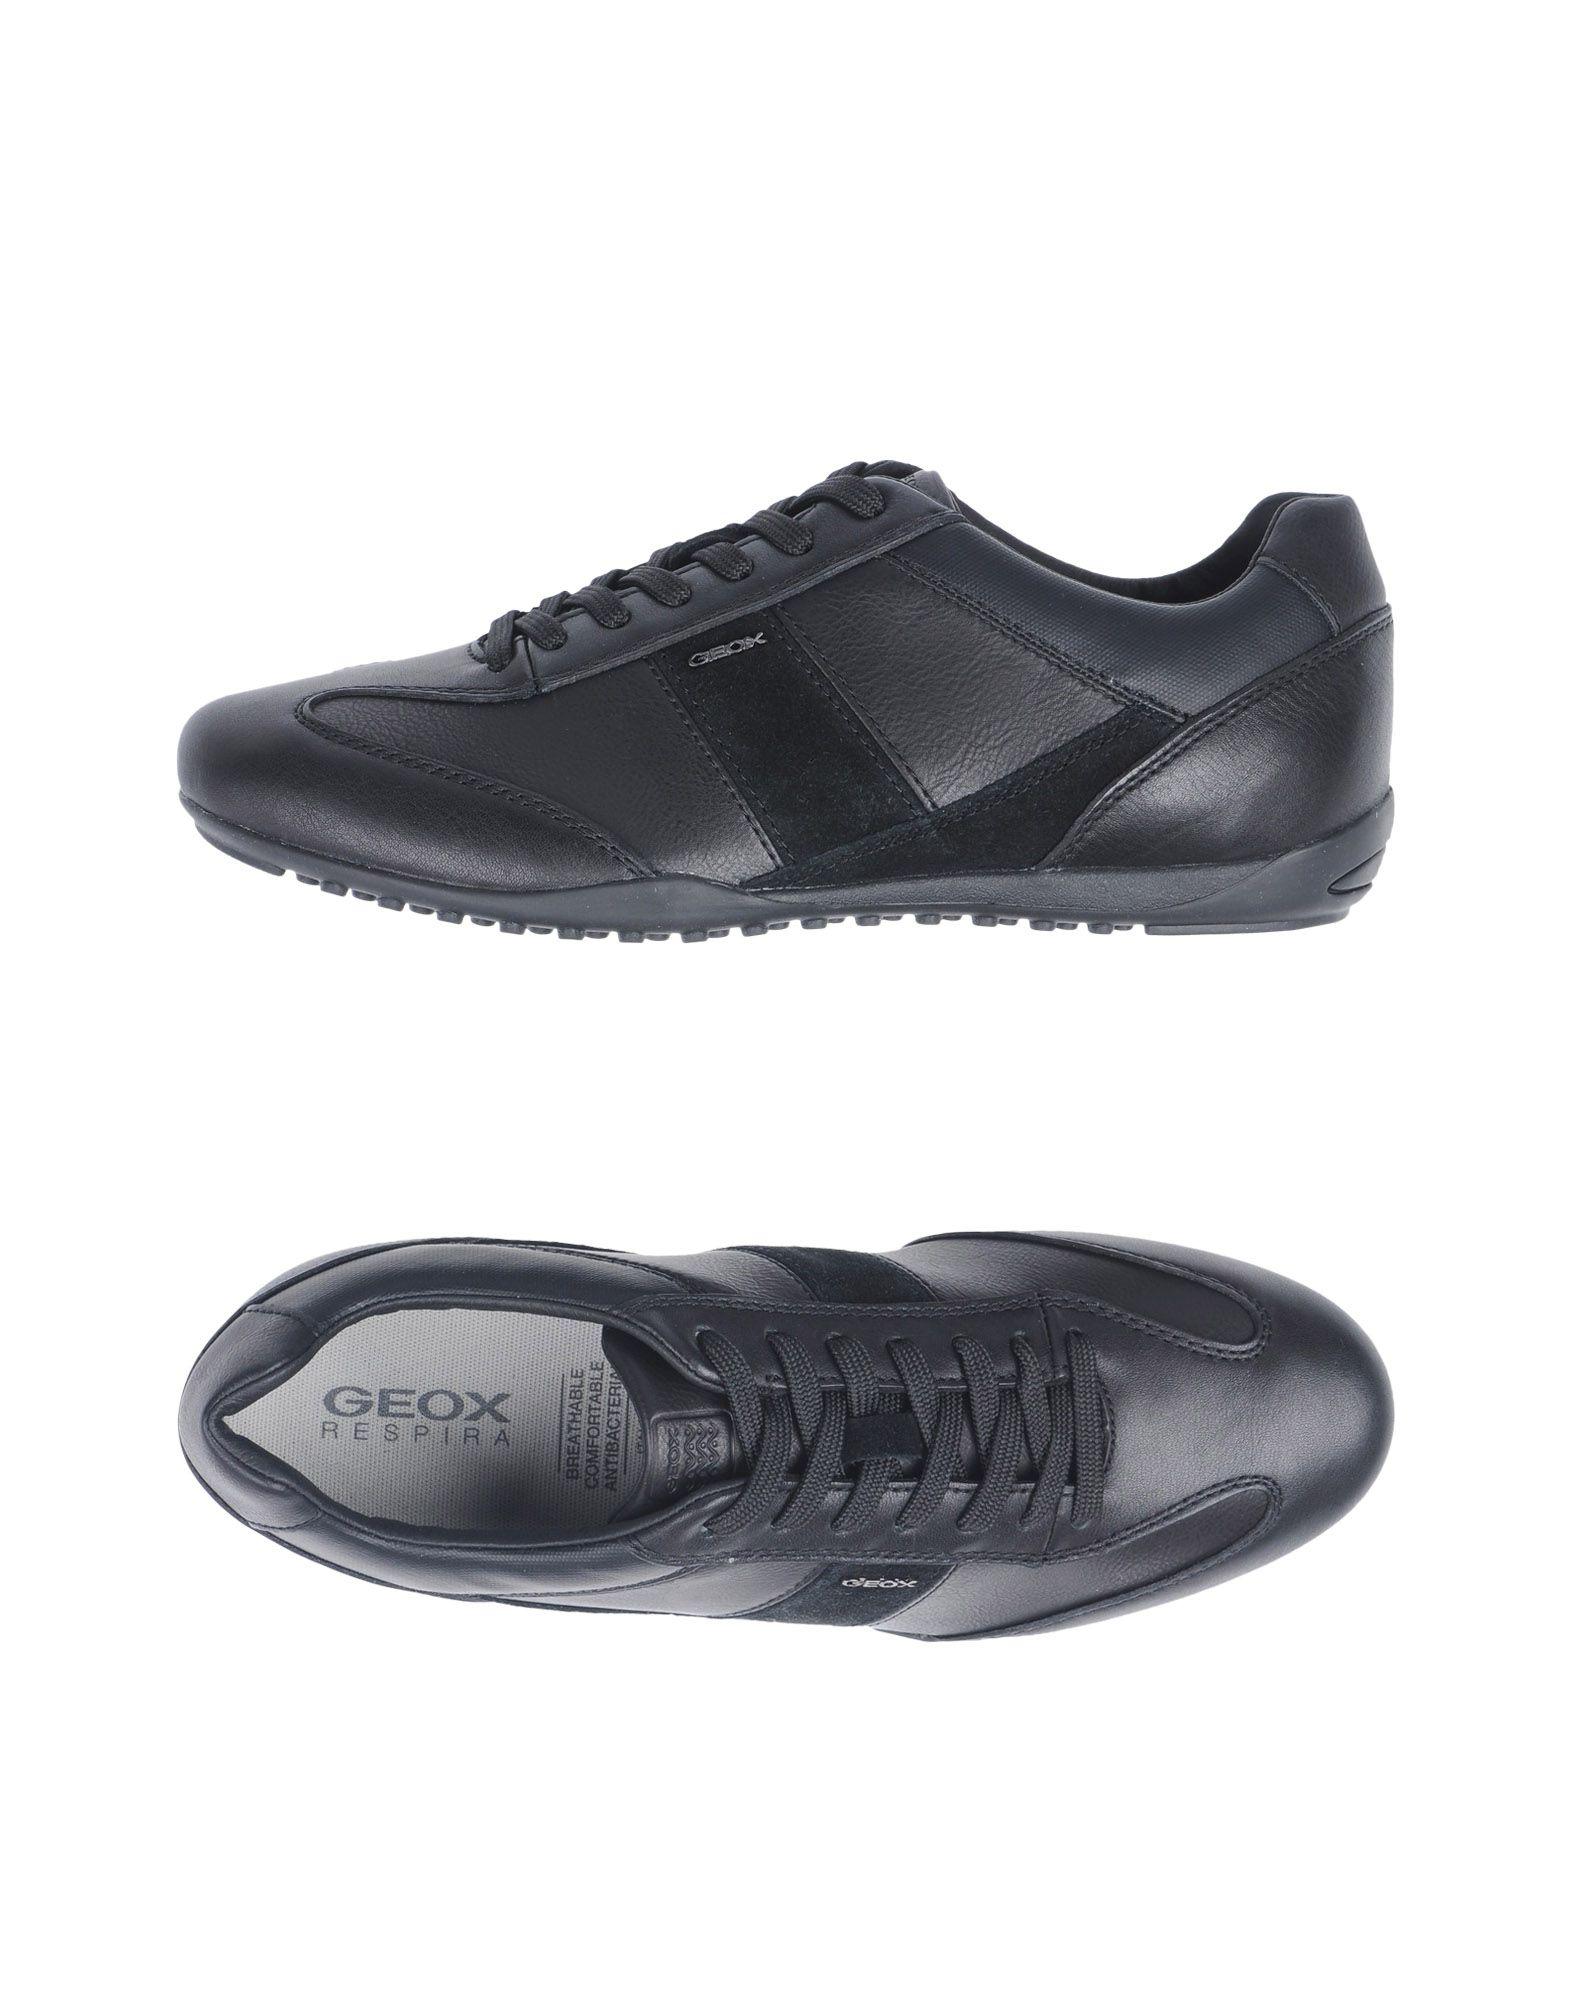 Sneakers Geox Homme - Sneakers Geox  Noir Spécial temps limité